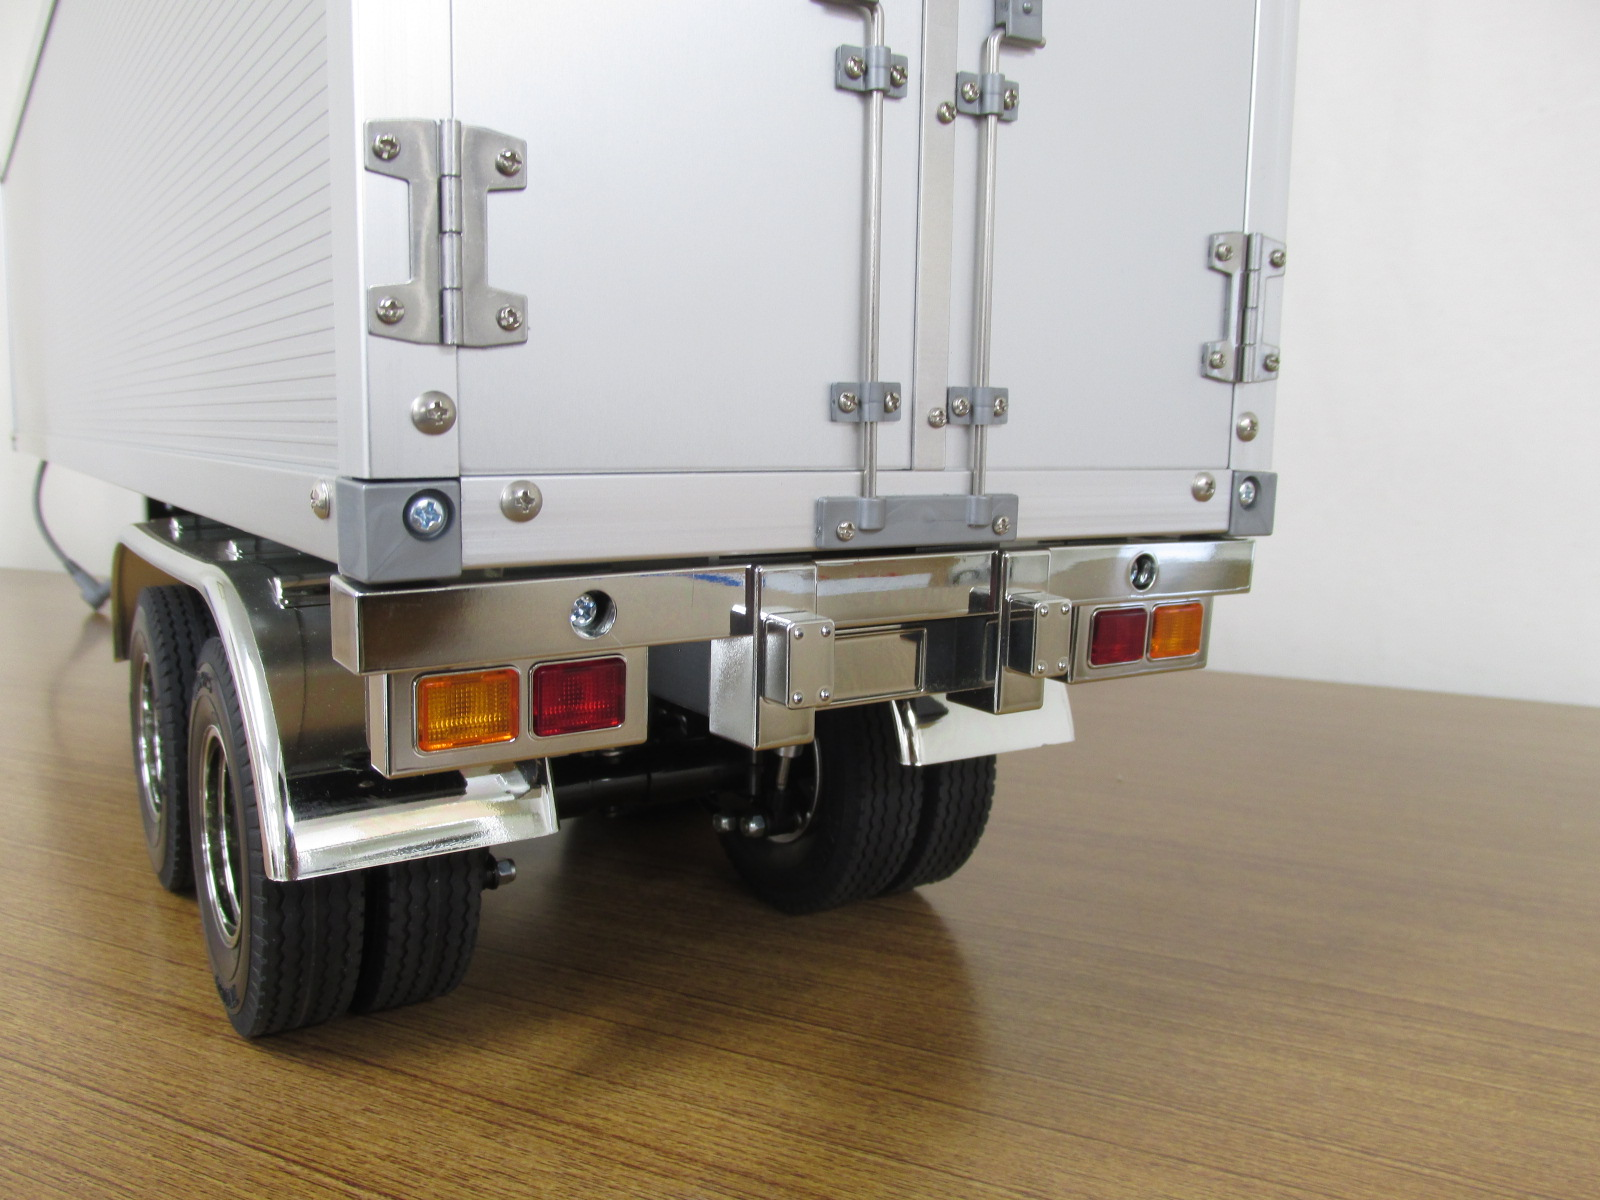 タミヤ 1/14スケール 電動RCビッグトラックシリーズ トレーラートラック用 パネルバン セミトレーラー 組立済